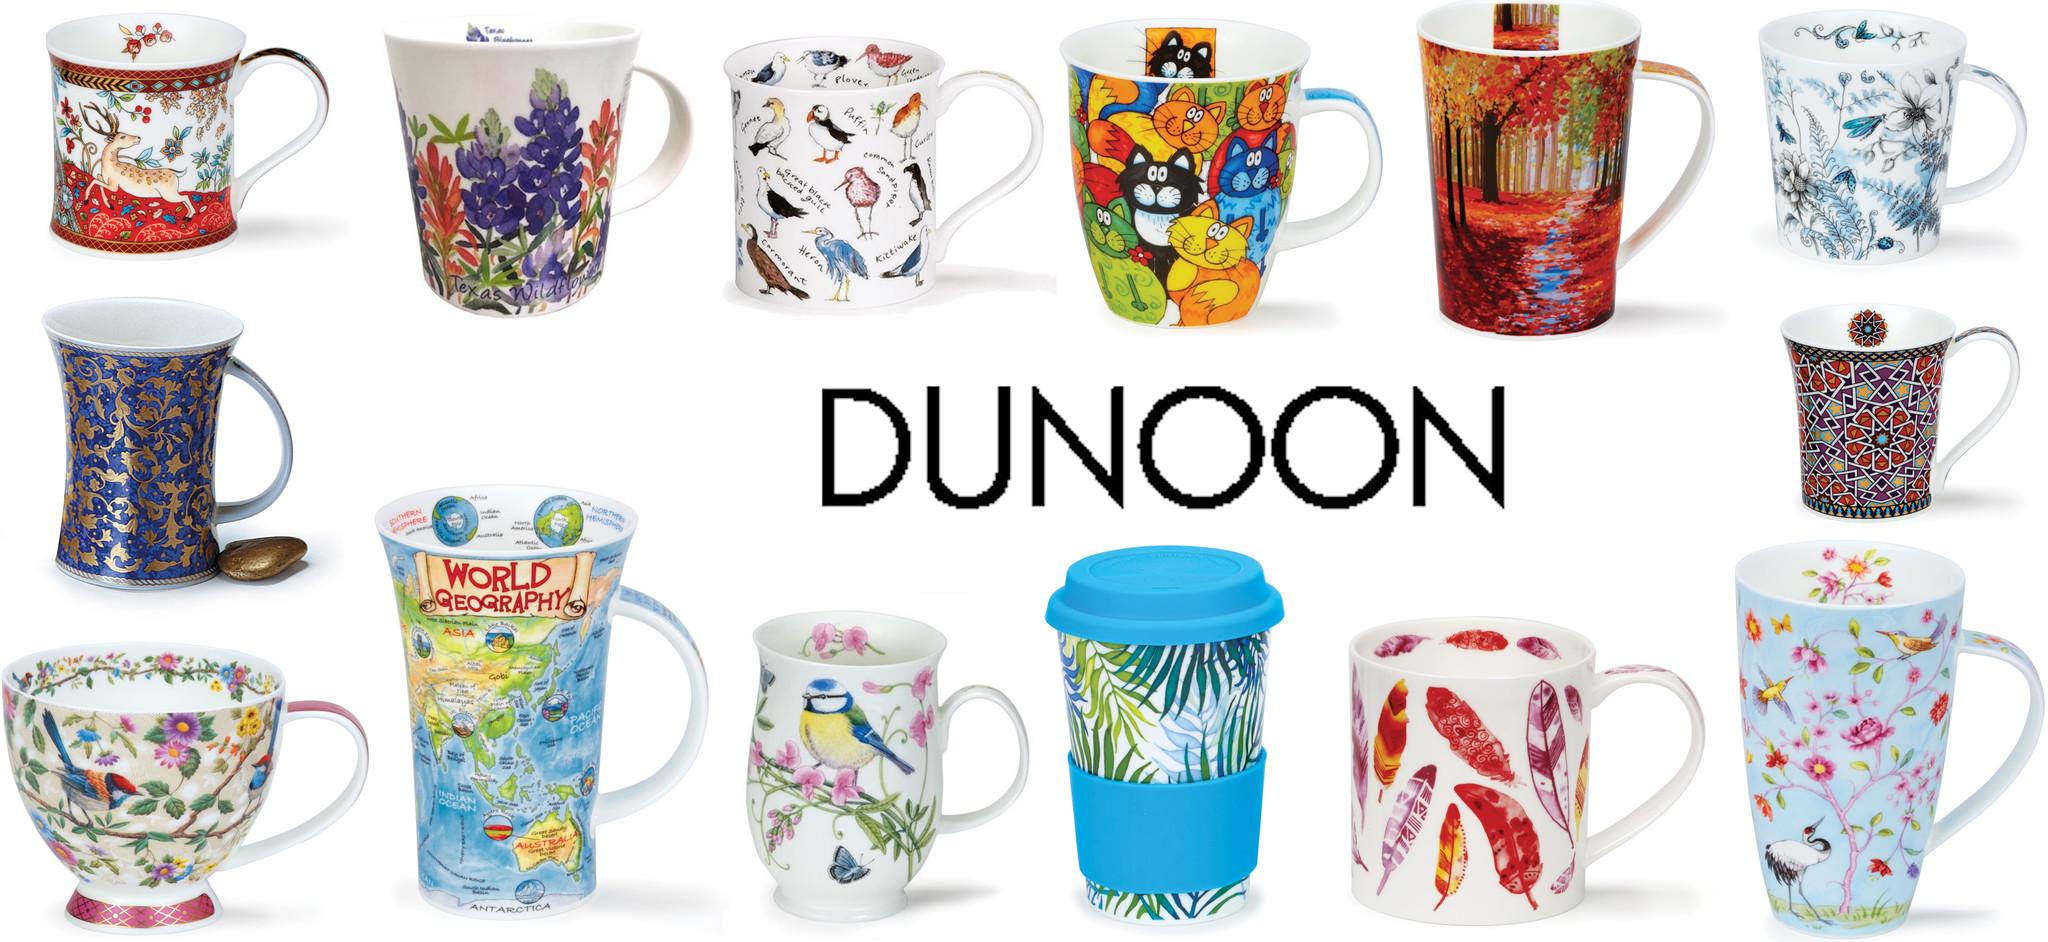 Dunoon mugs w logo